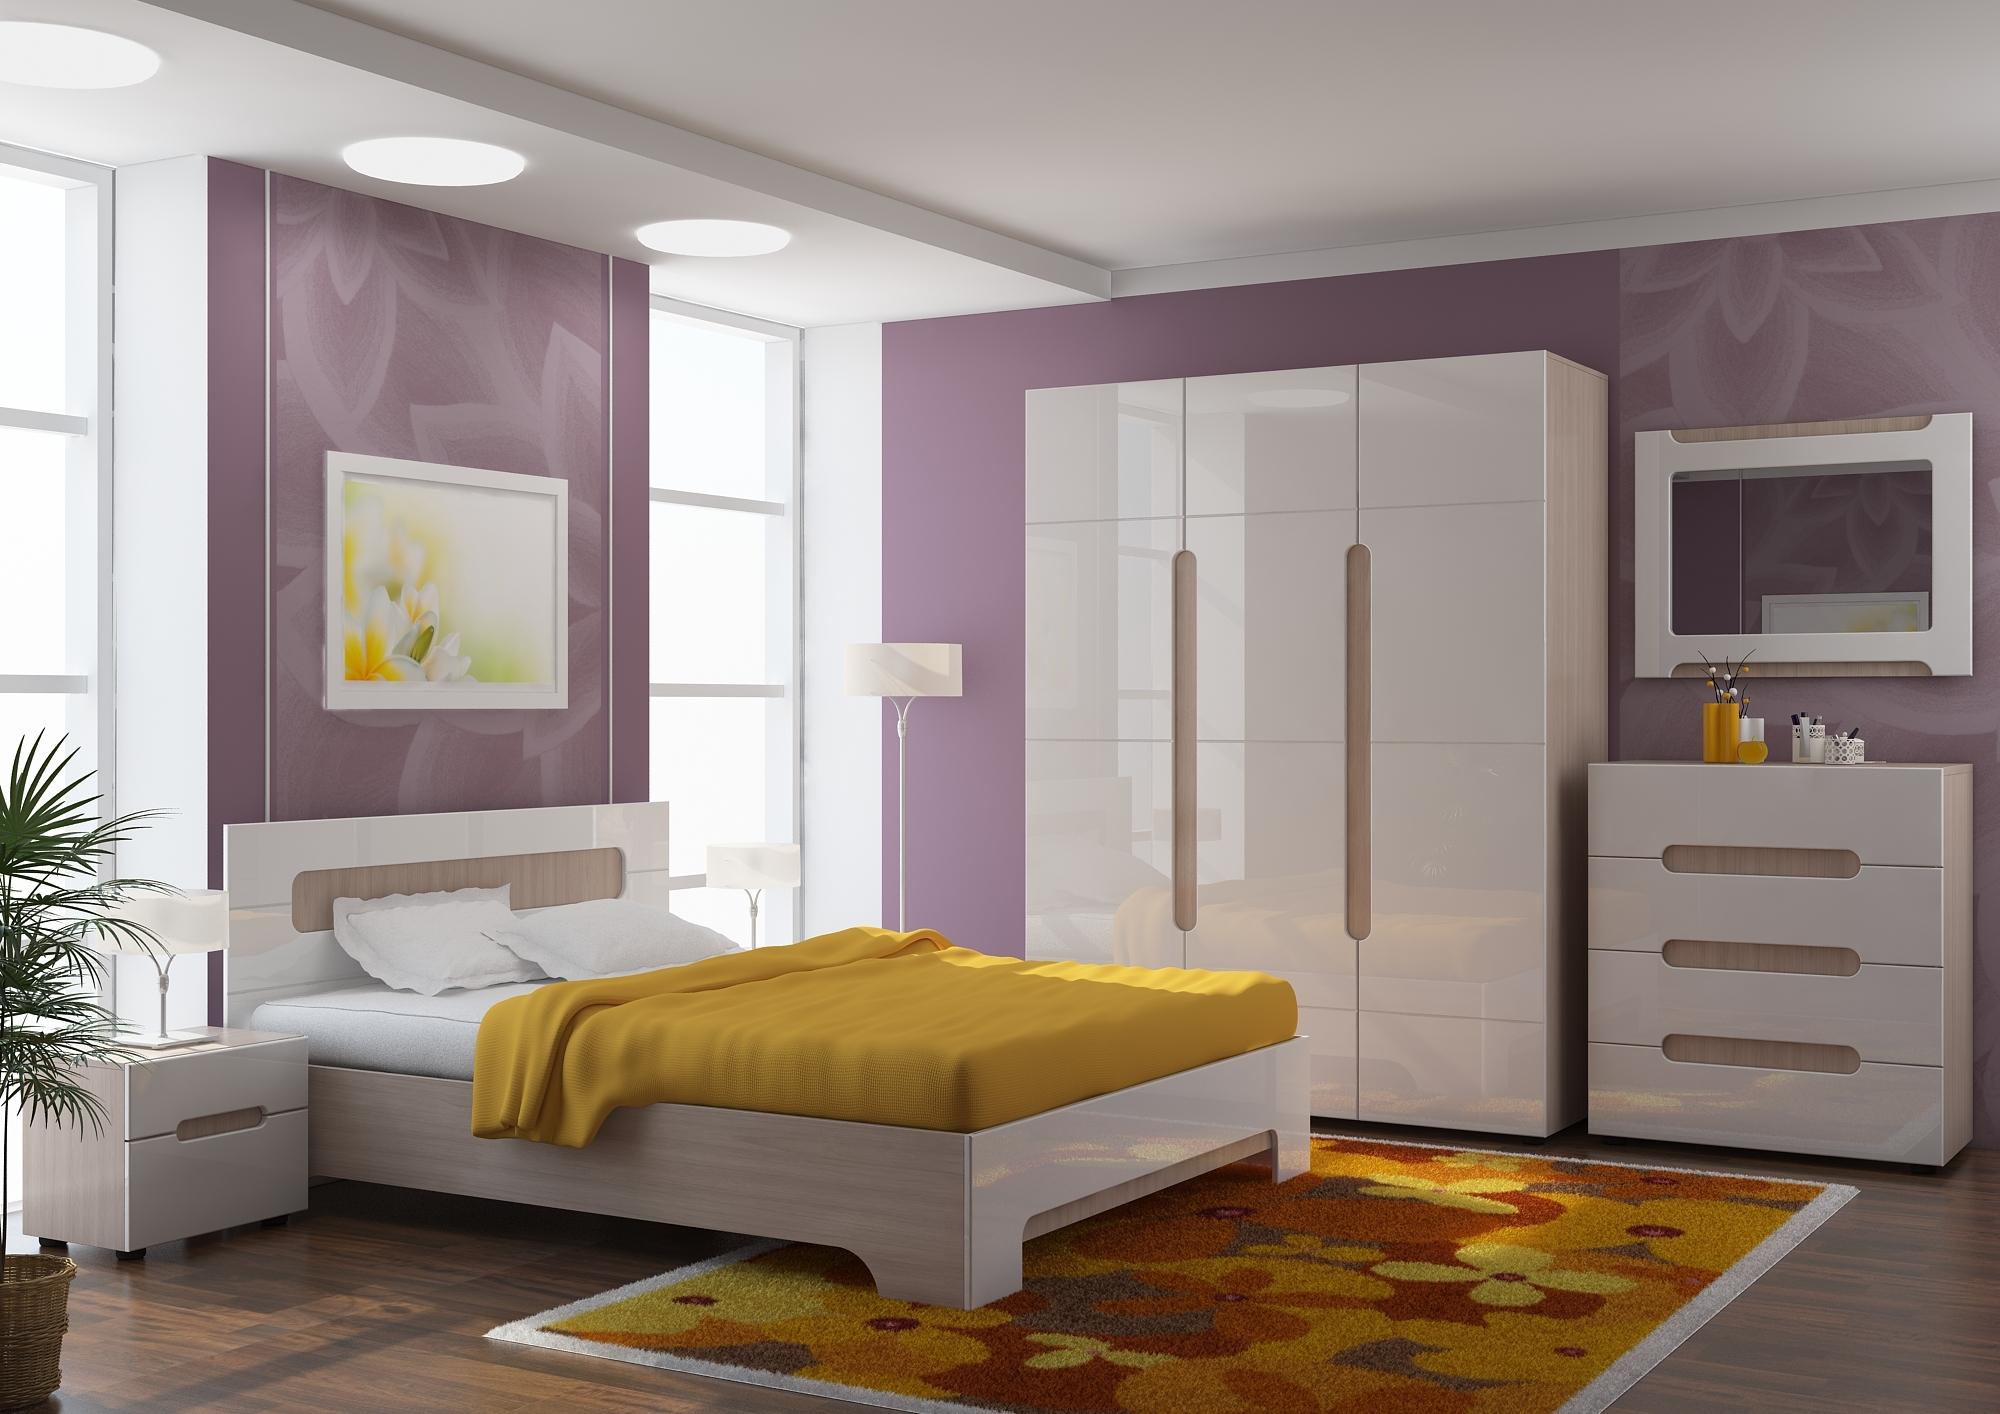 спальный гарнитур купить недорого от производителя в спб